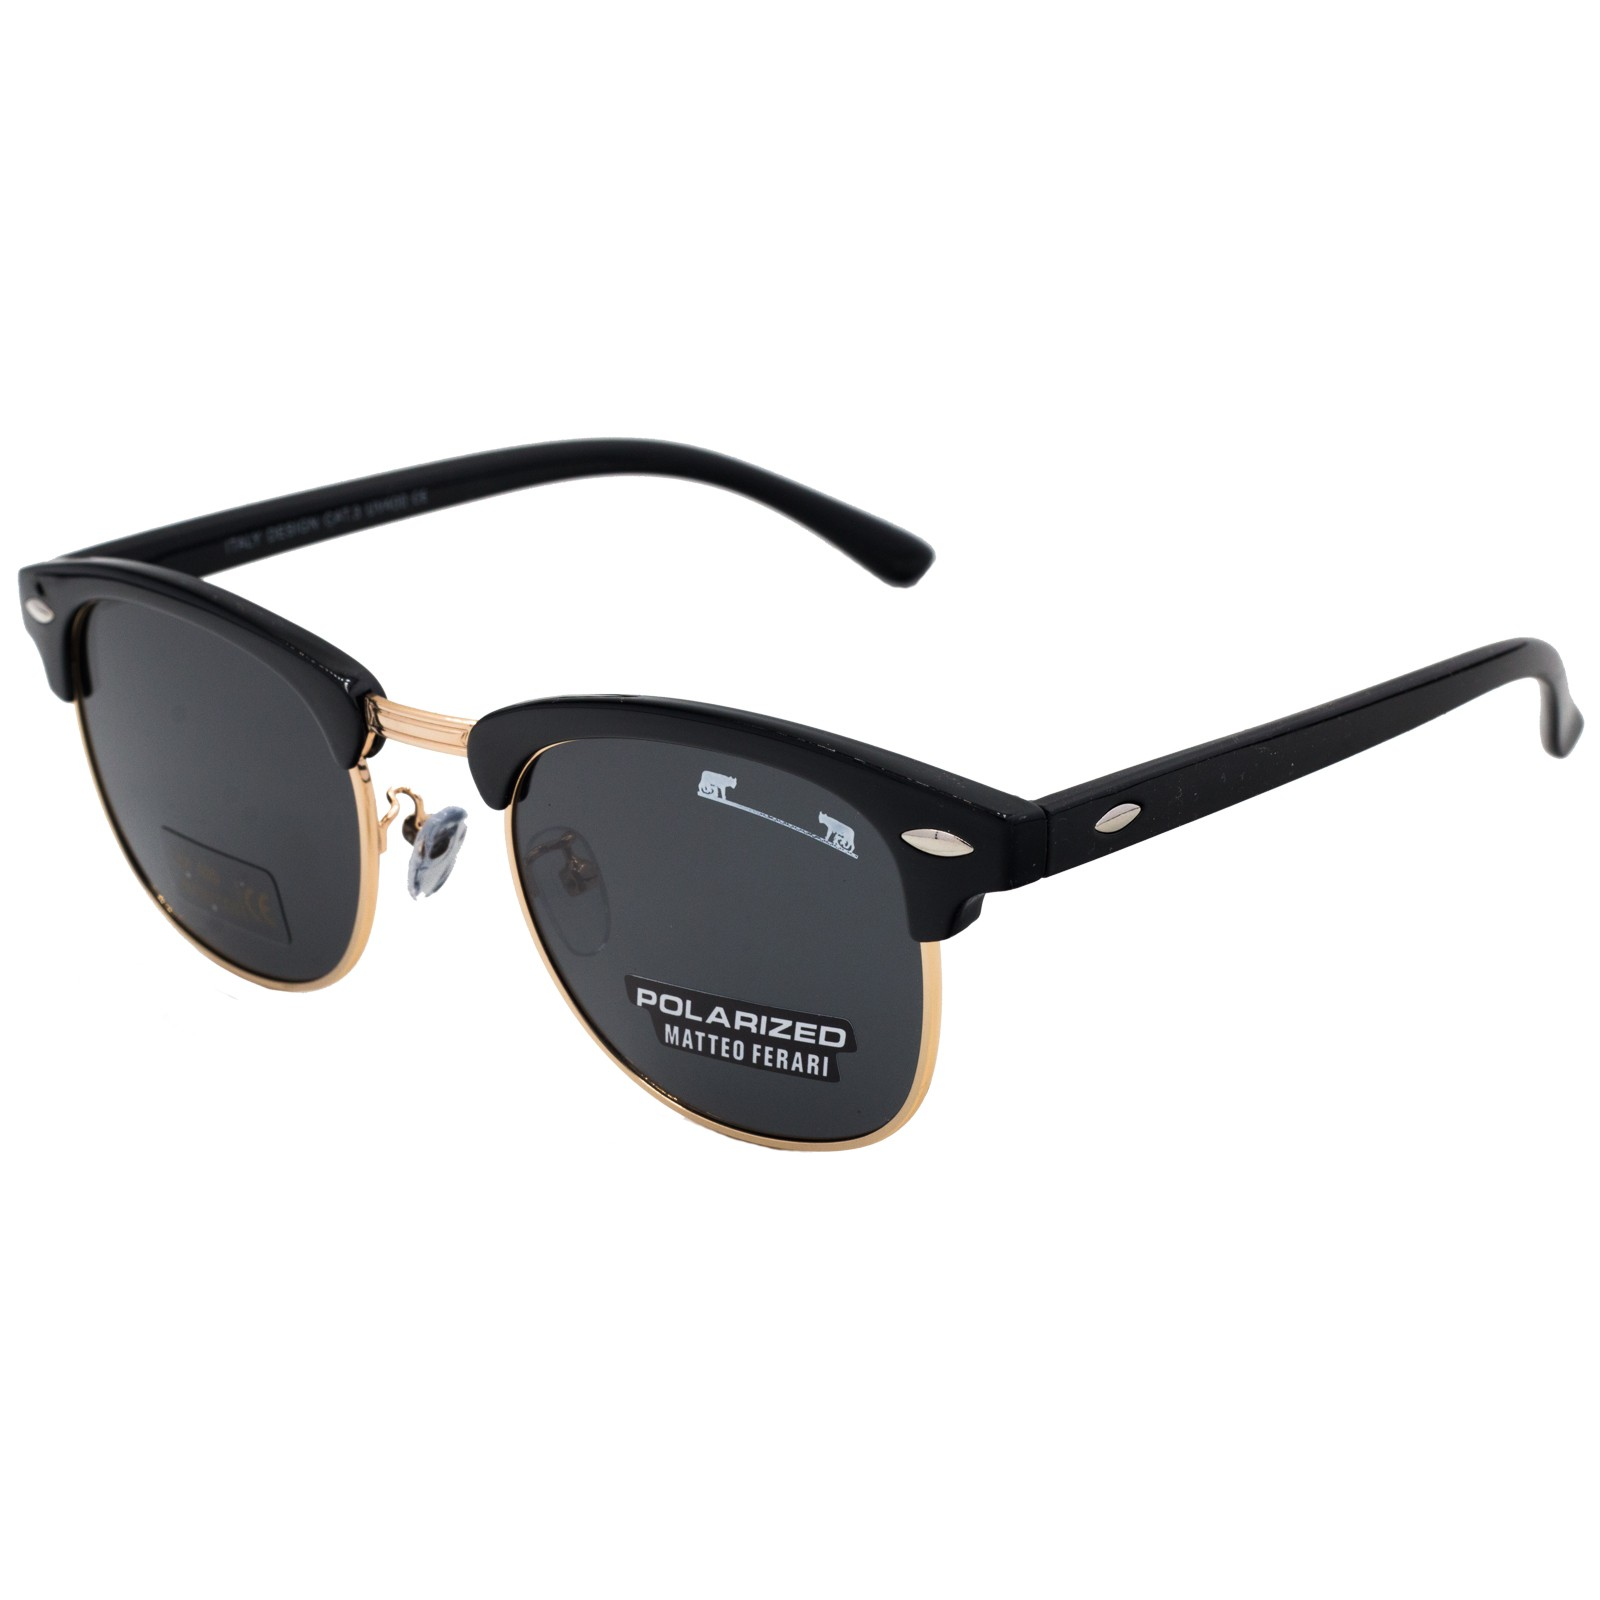 Ochelari De Soare Unisex Matteo Ferari Clubmaster Mfjh-012